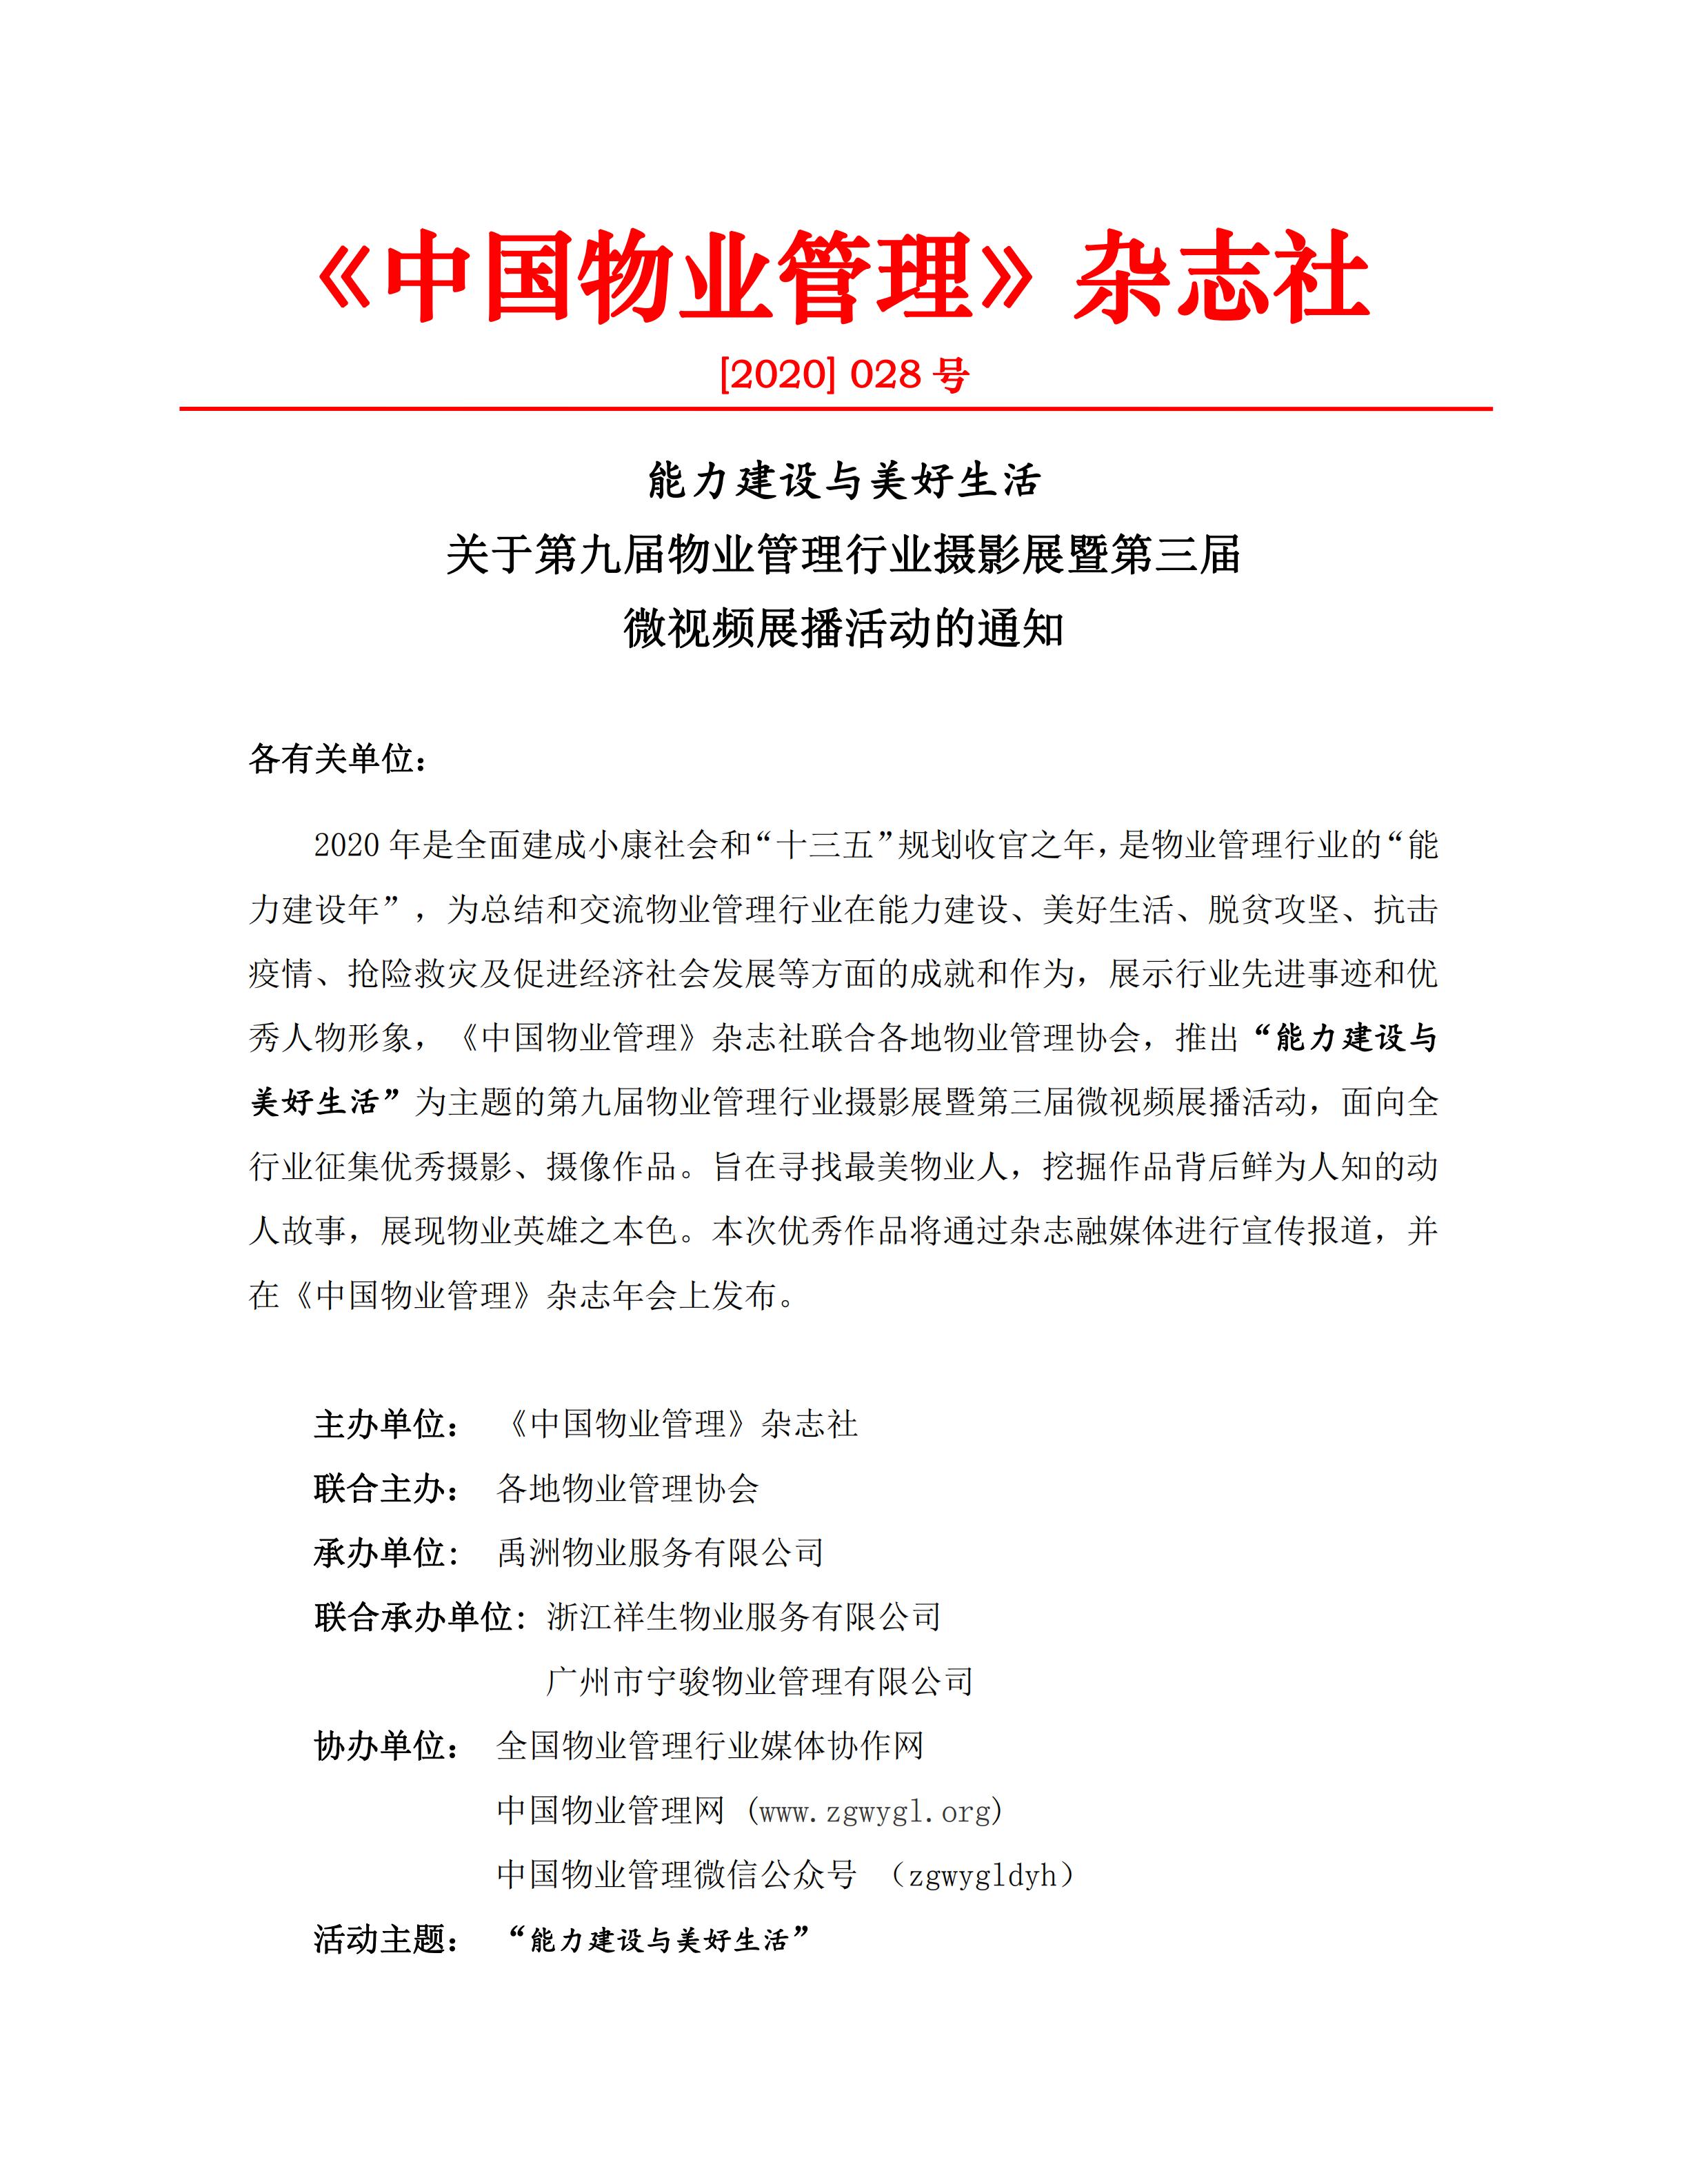 关于召开第九届物业管理行业摄影展暨微视频展播活动的通知_00.png